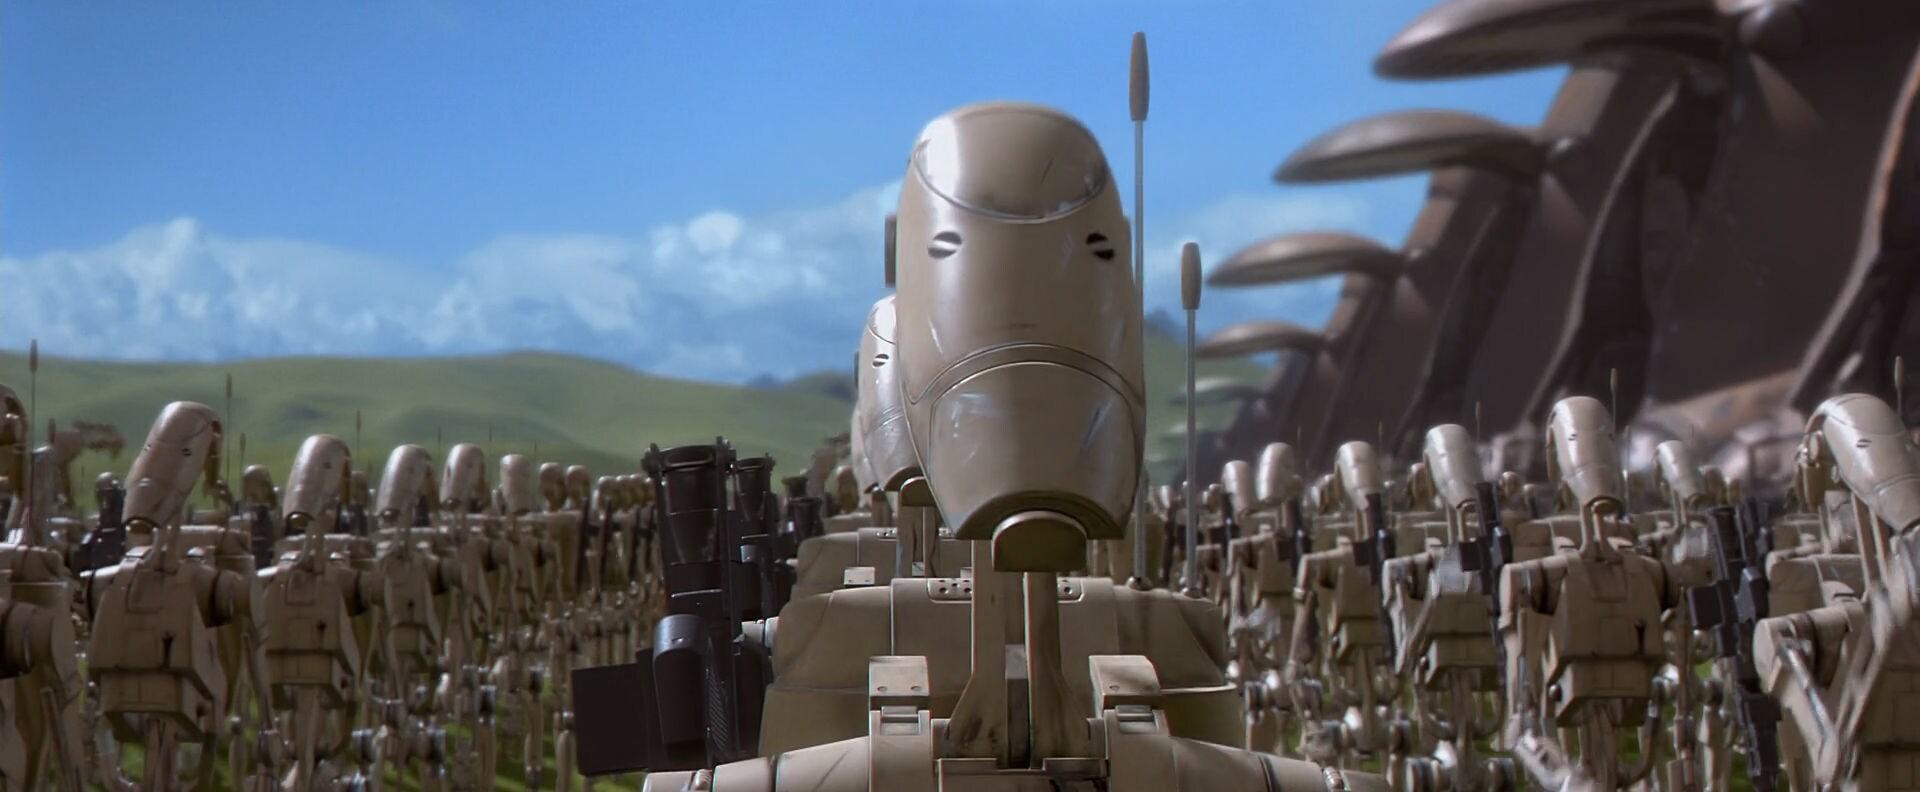 Ενεργοποίηση των ρομπότ